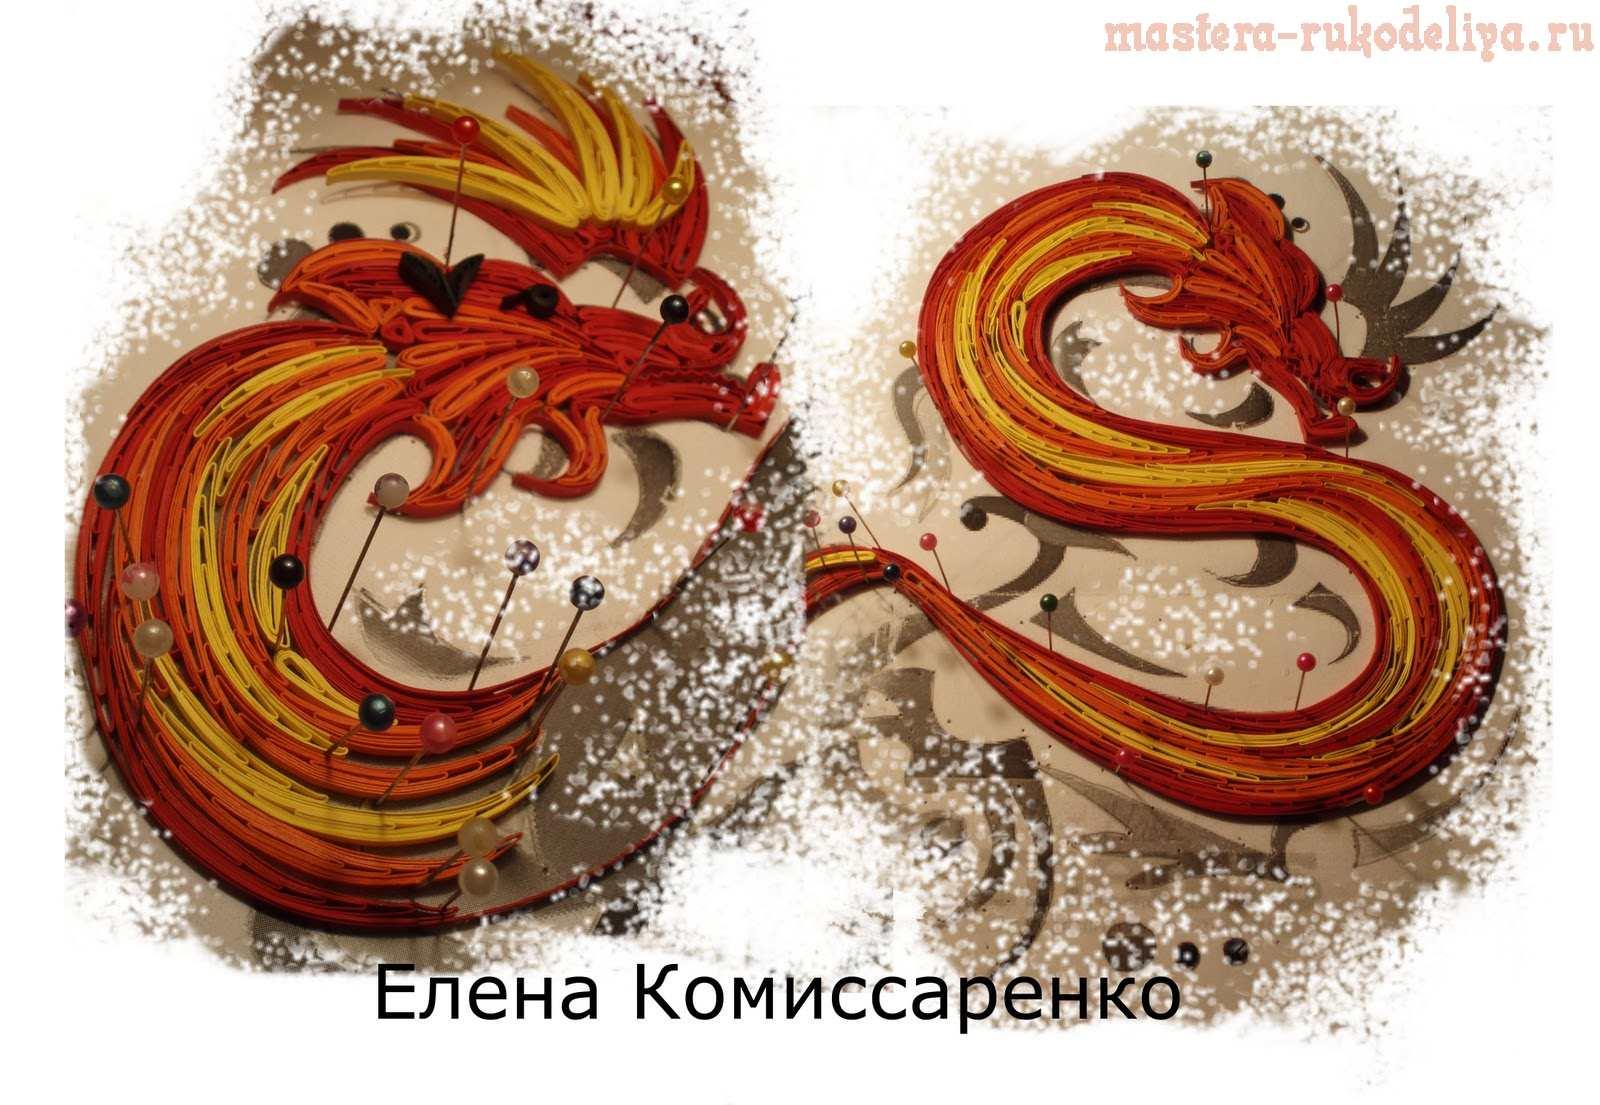 Мастер-класс по квиллингу: Дракон - сказочный символ года